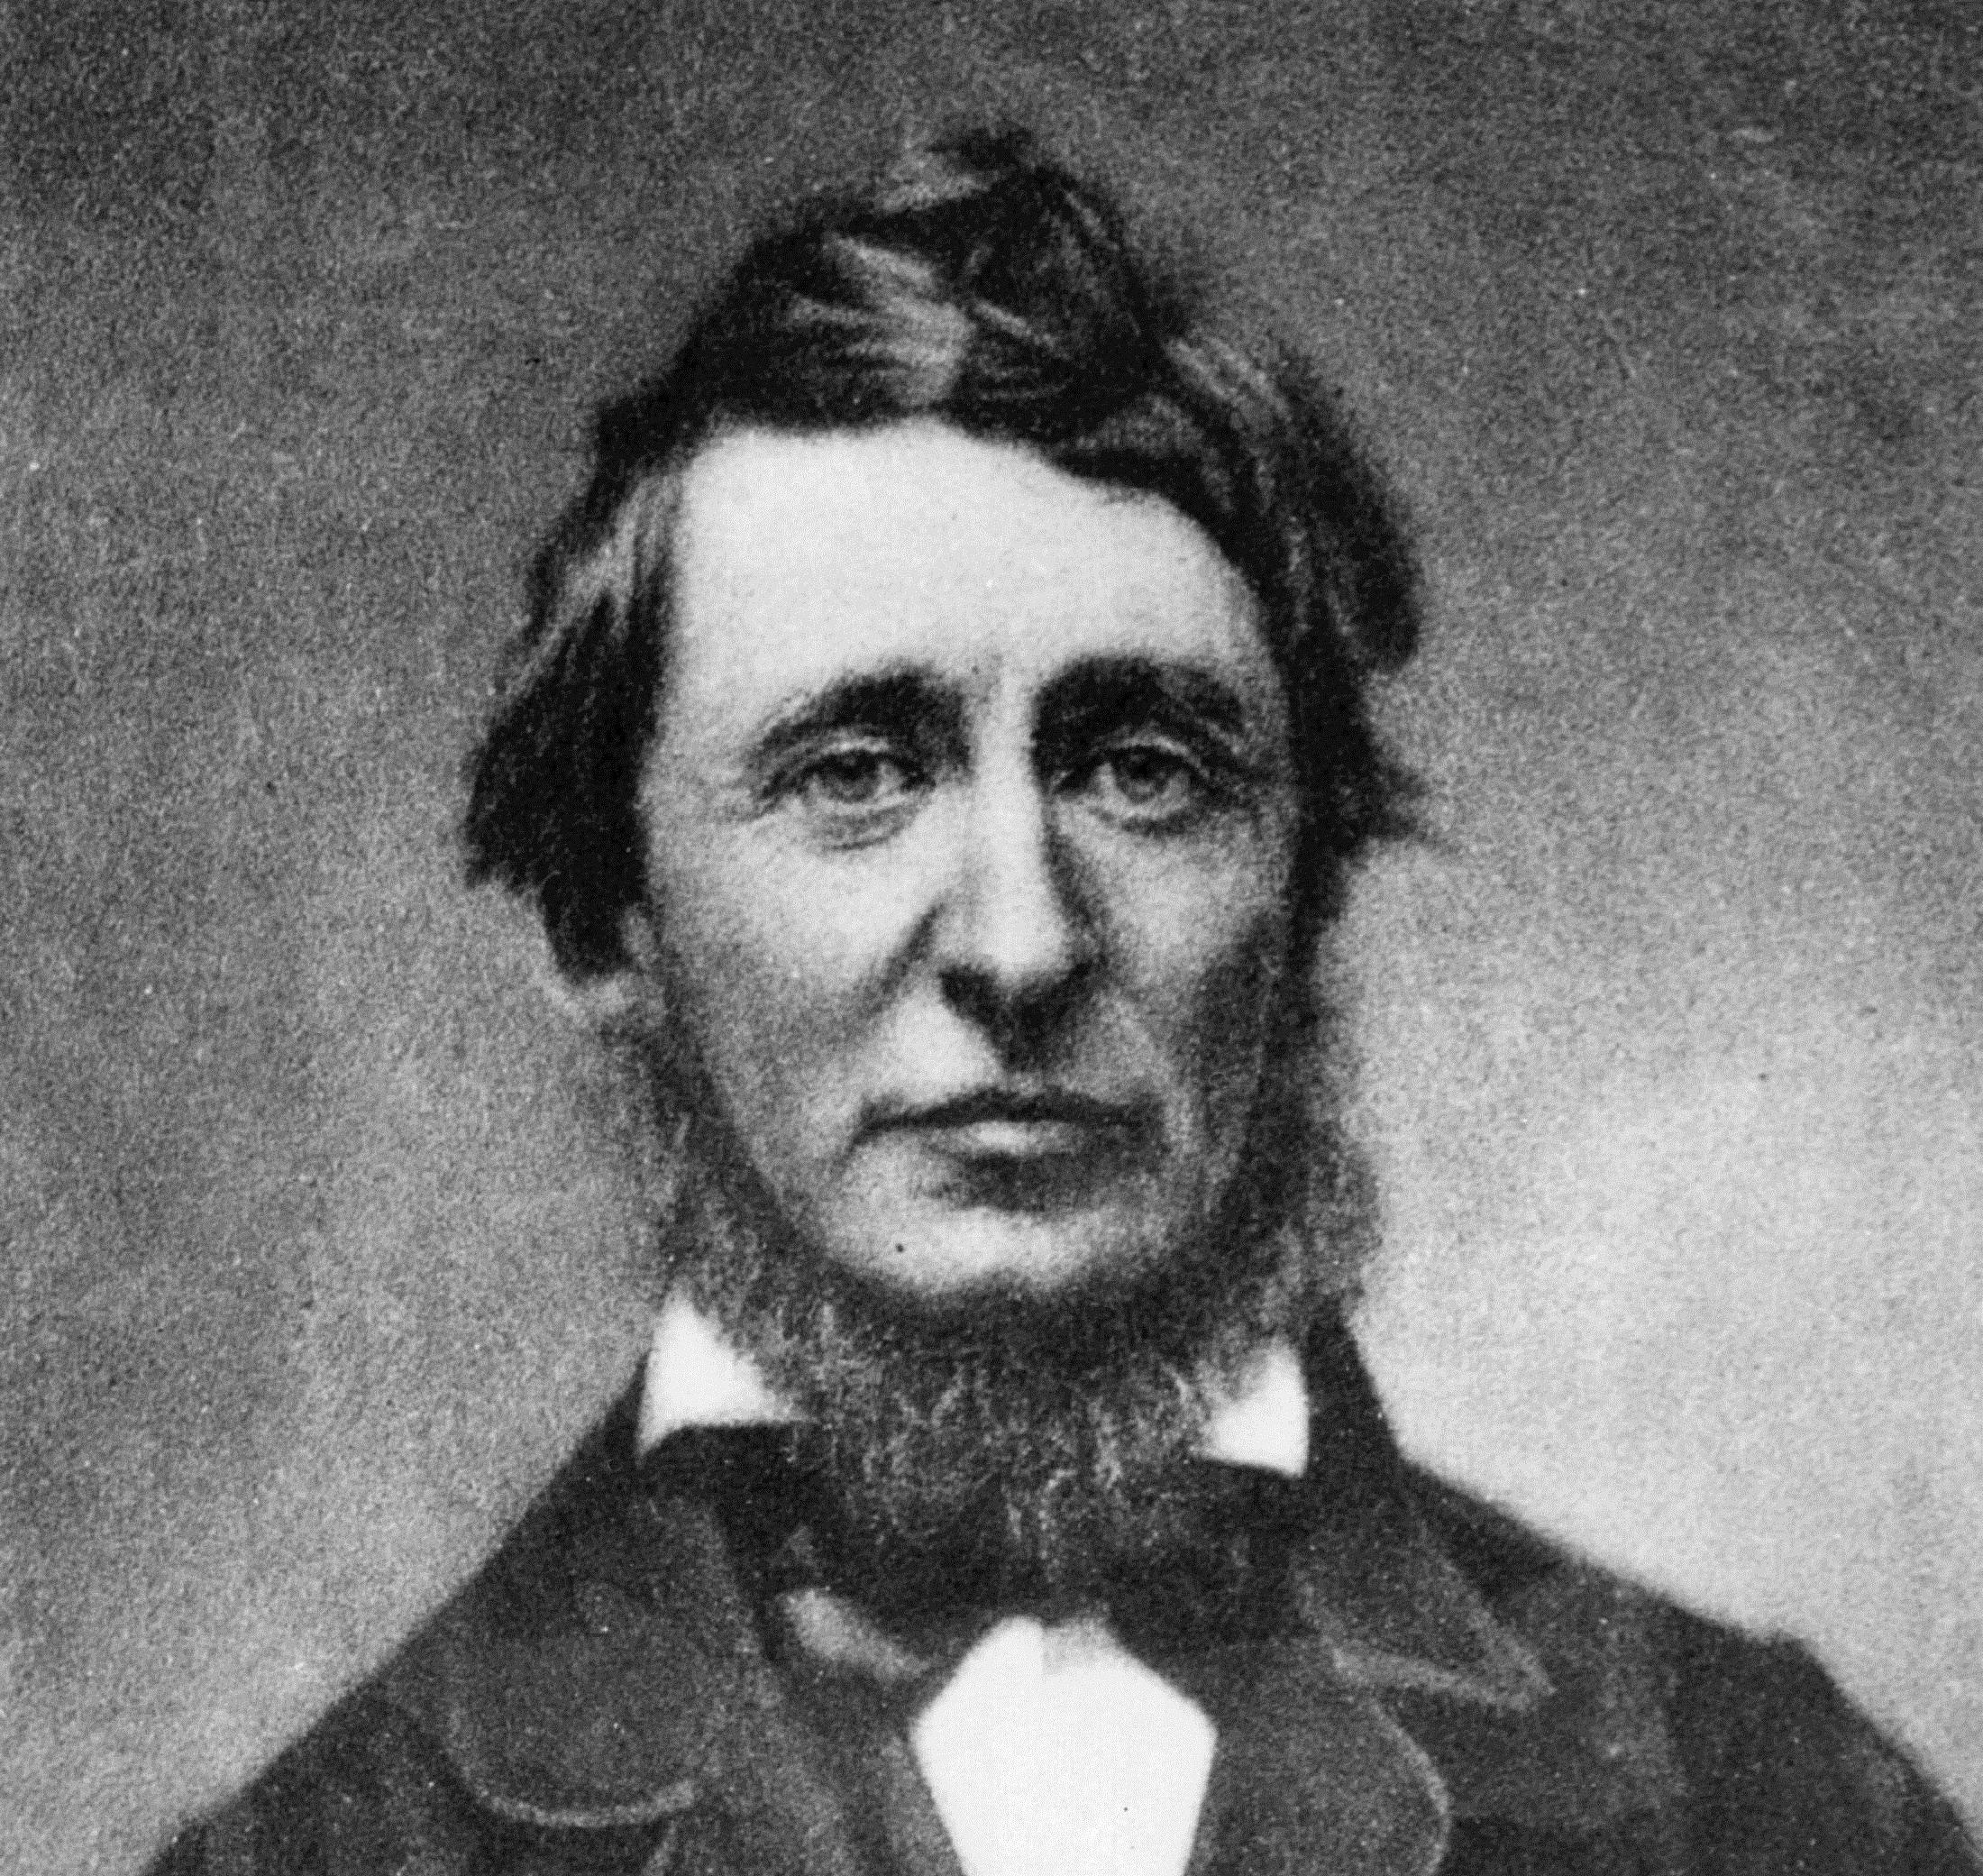 Portrait of author Henry David Thoreau